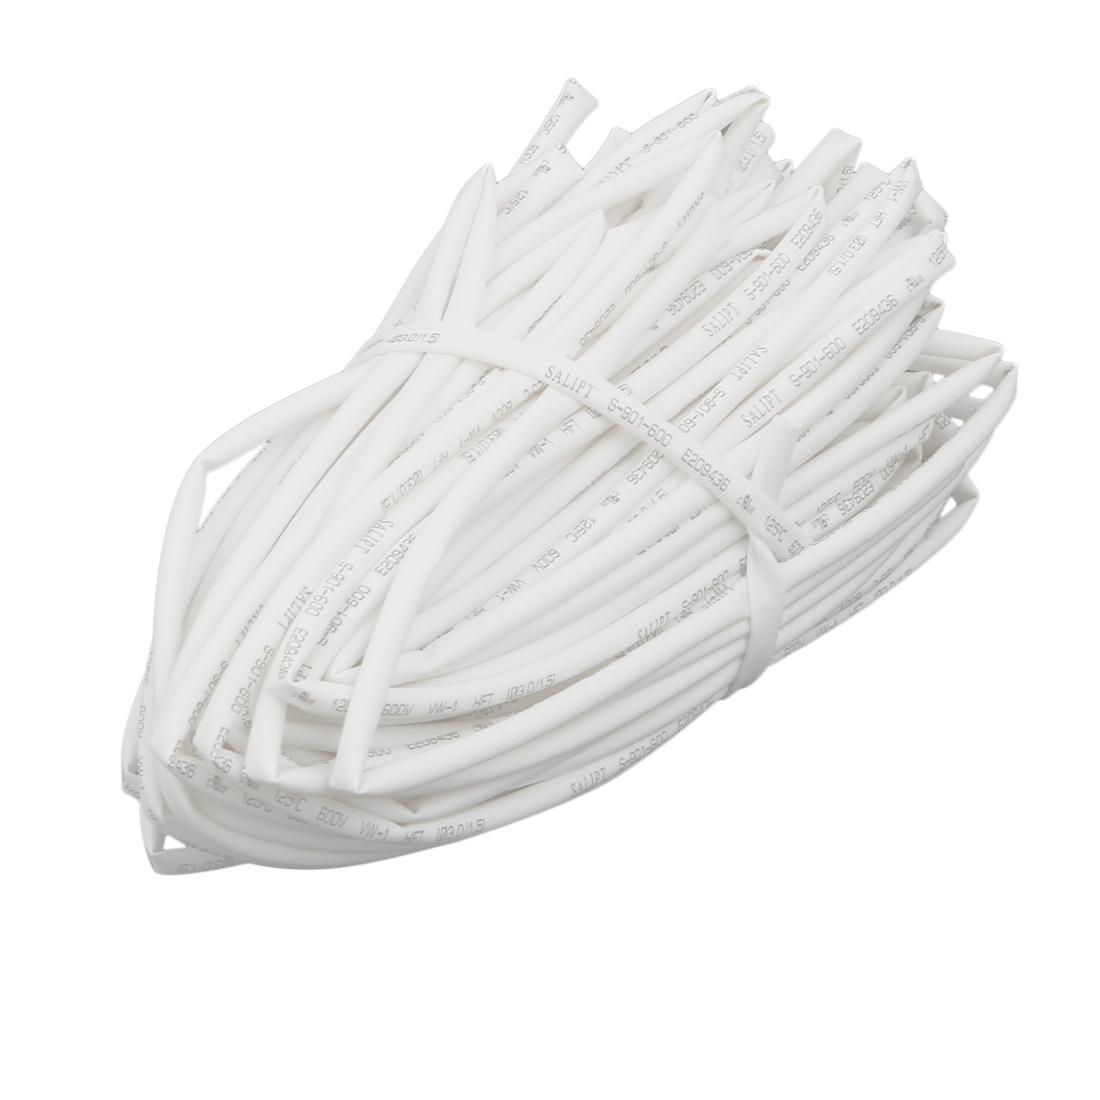 20M Long 3mm Inner Dia. Polyolefin Heat Shrinkable Tube White for Wire Repairing